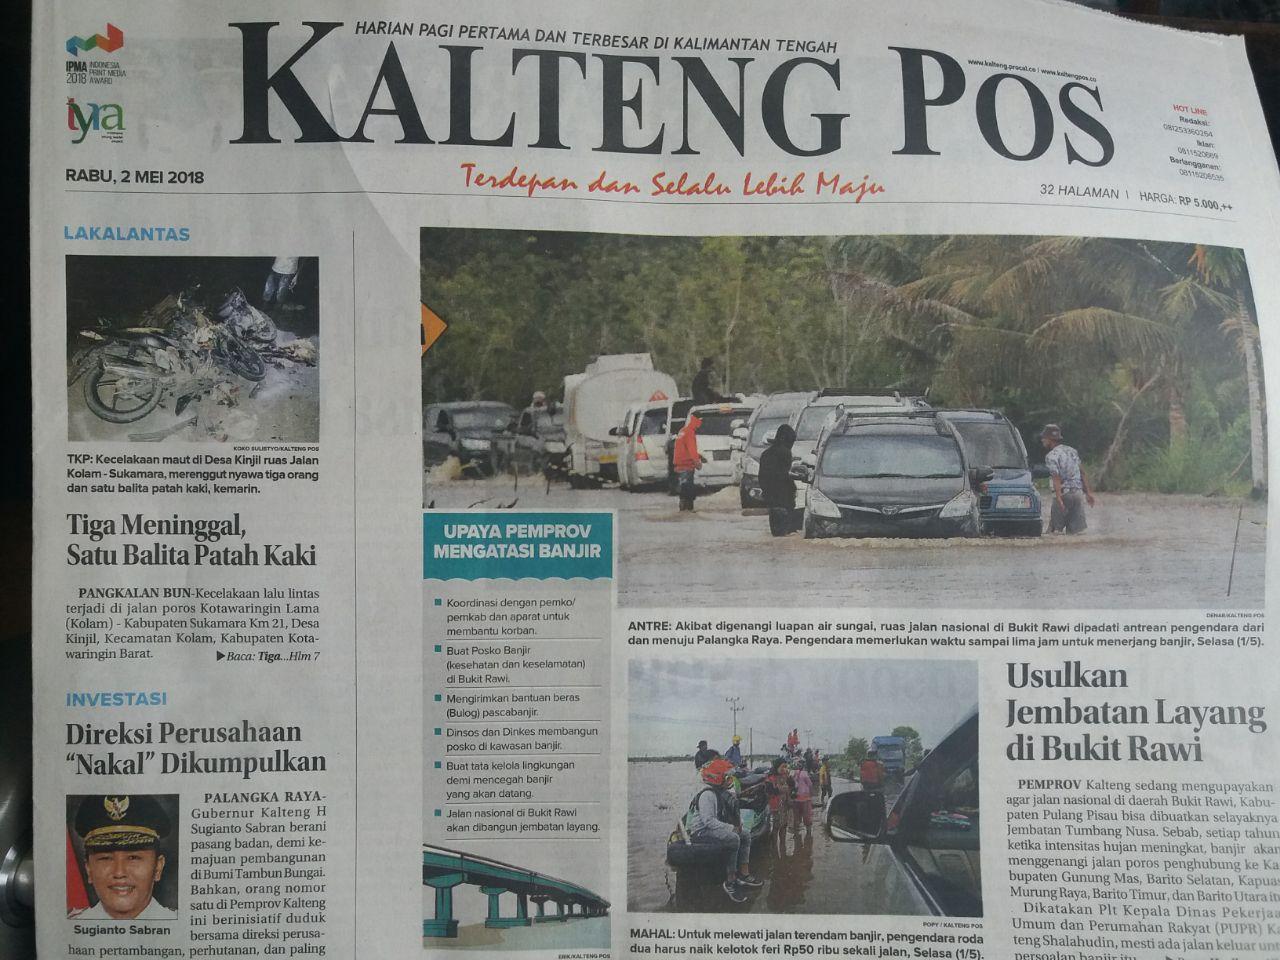 Berita Kalteng Pos (01/05/2018)